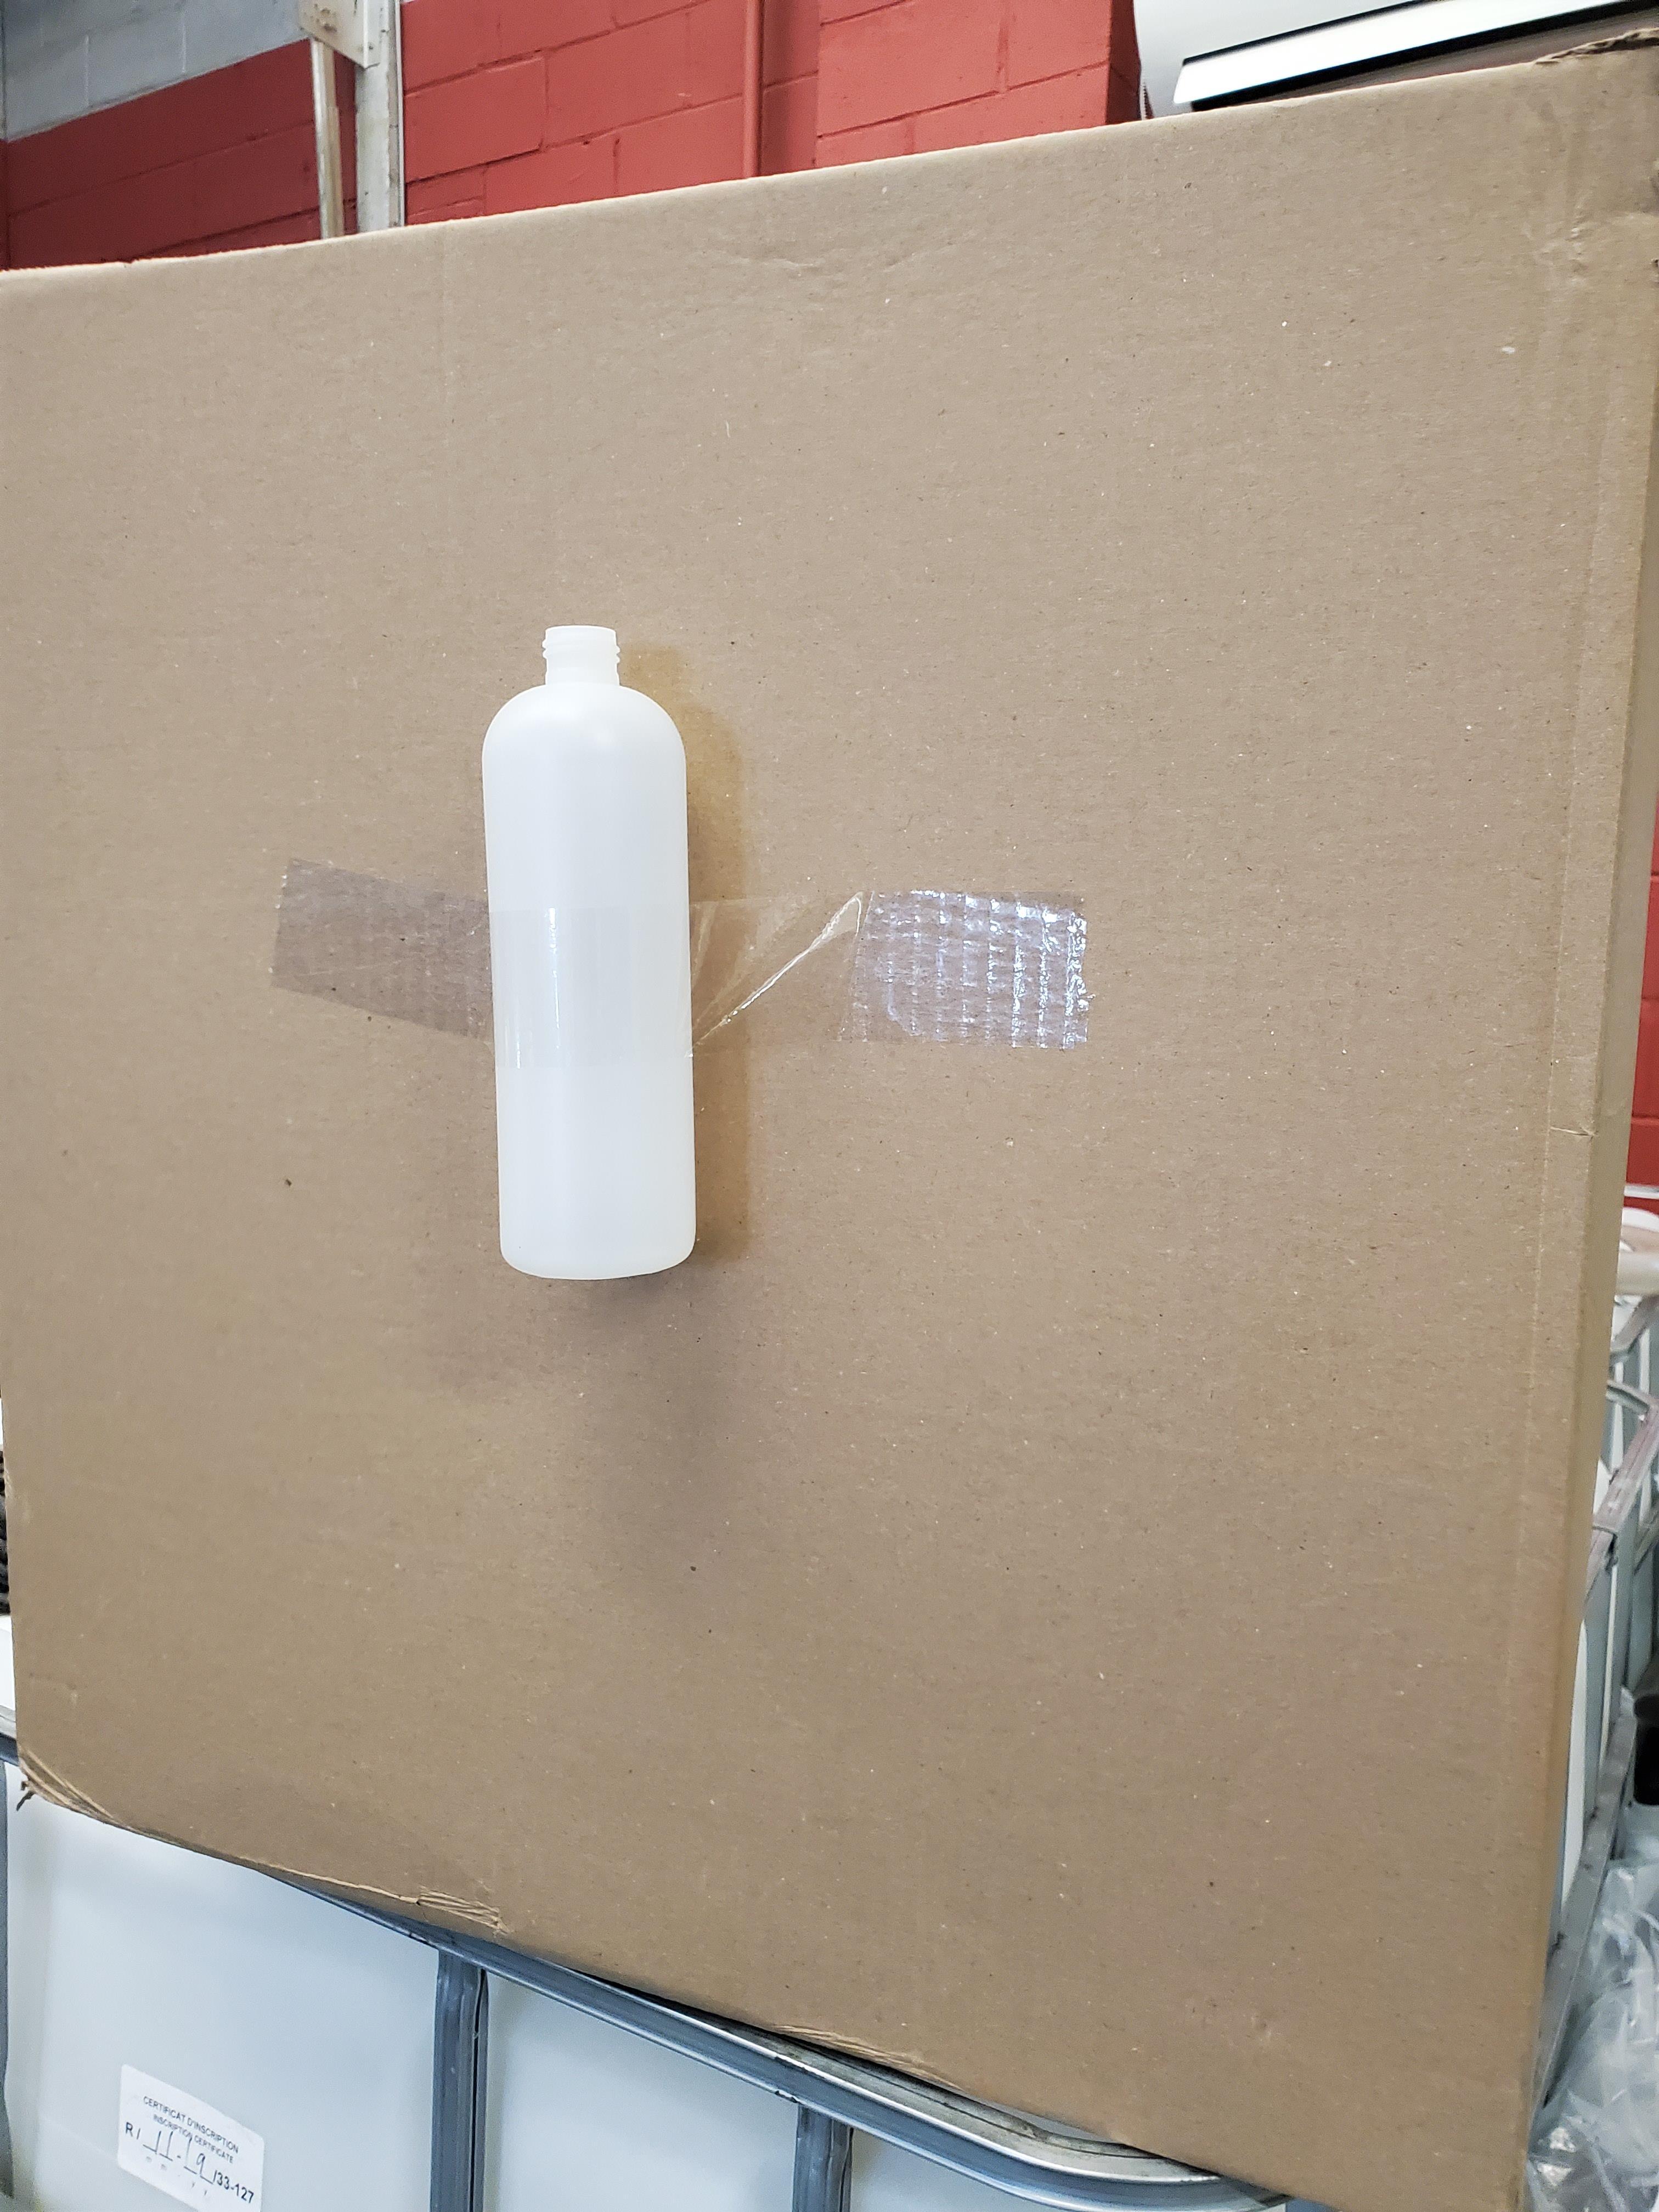 10,000 HDPE Bottles, NATURAL, NEW, 24/410 Neck, 16oz Boston Round